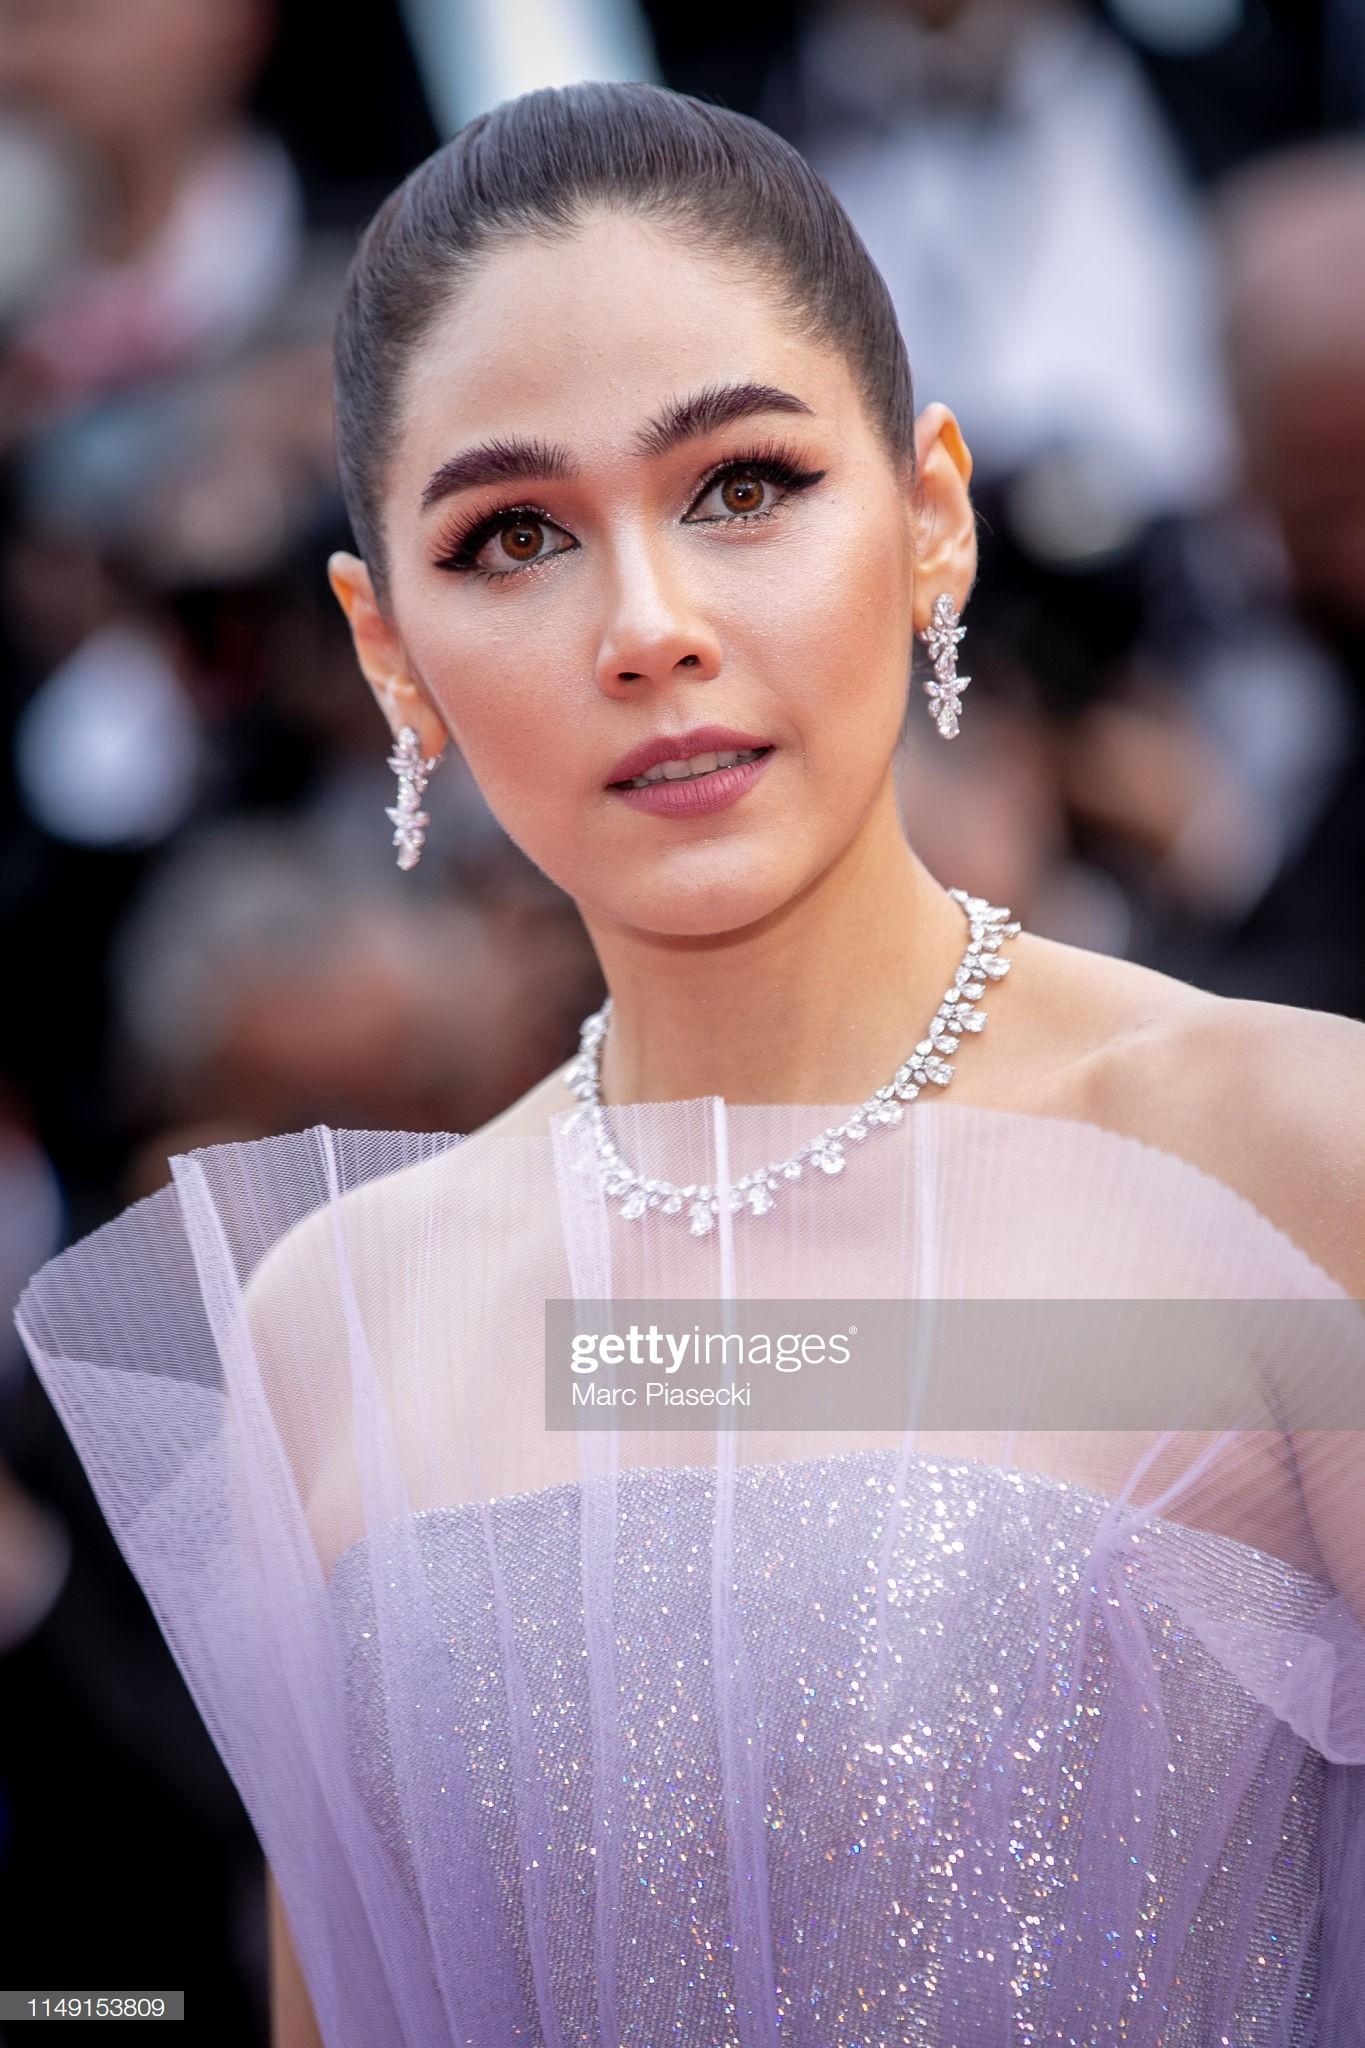 Cannes ngày đầu tiên: Phạm Băng Băng Thái Lan mới chính là mỹ nhân châu Á chặt chém nhất với thần thái bức người - Ảnh 12.